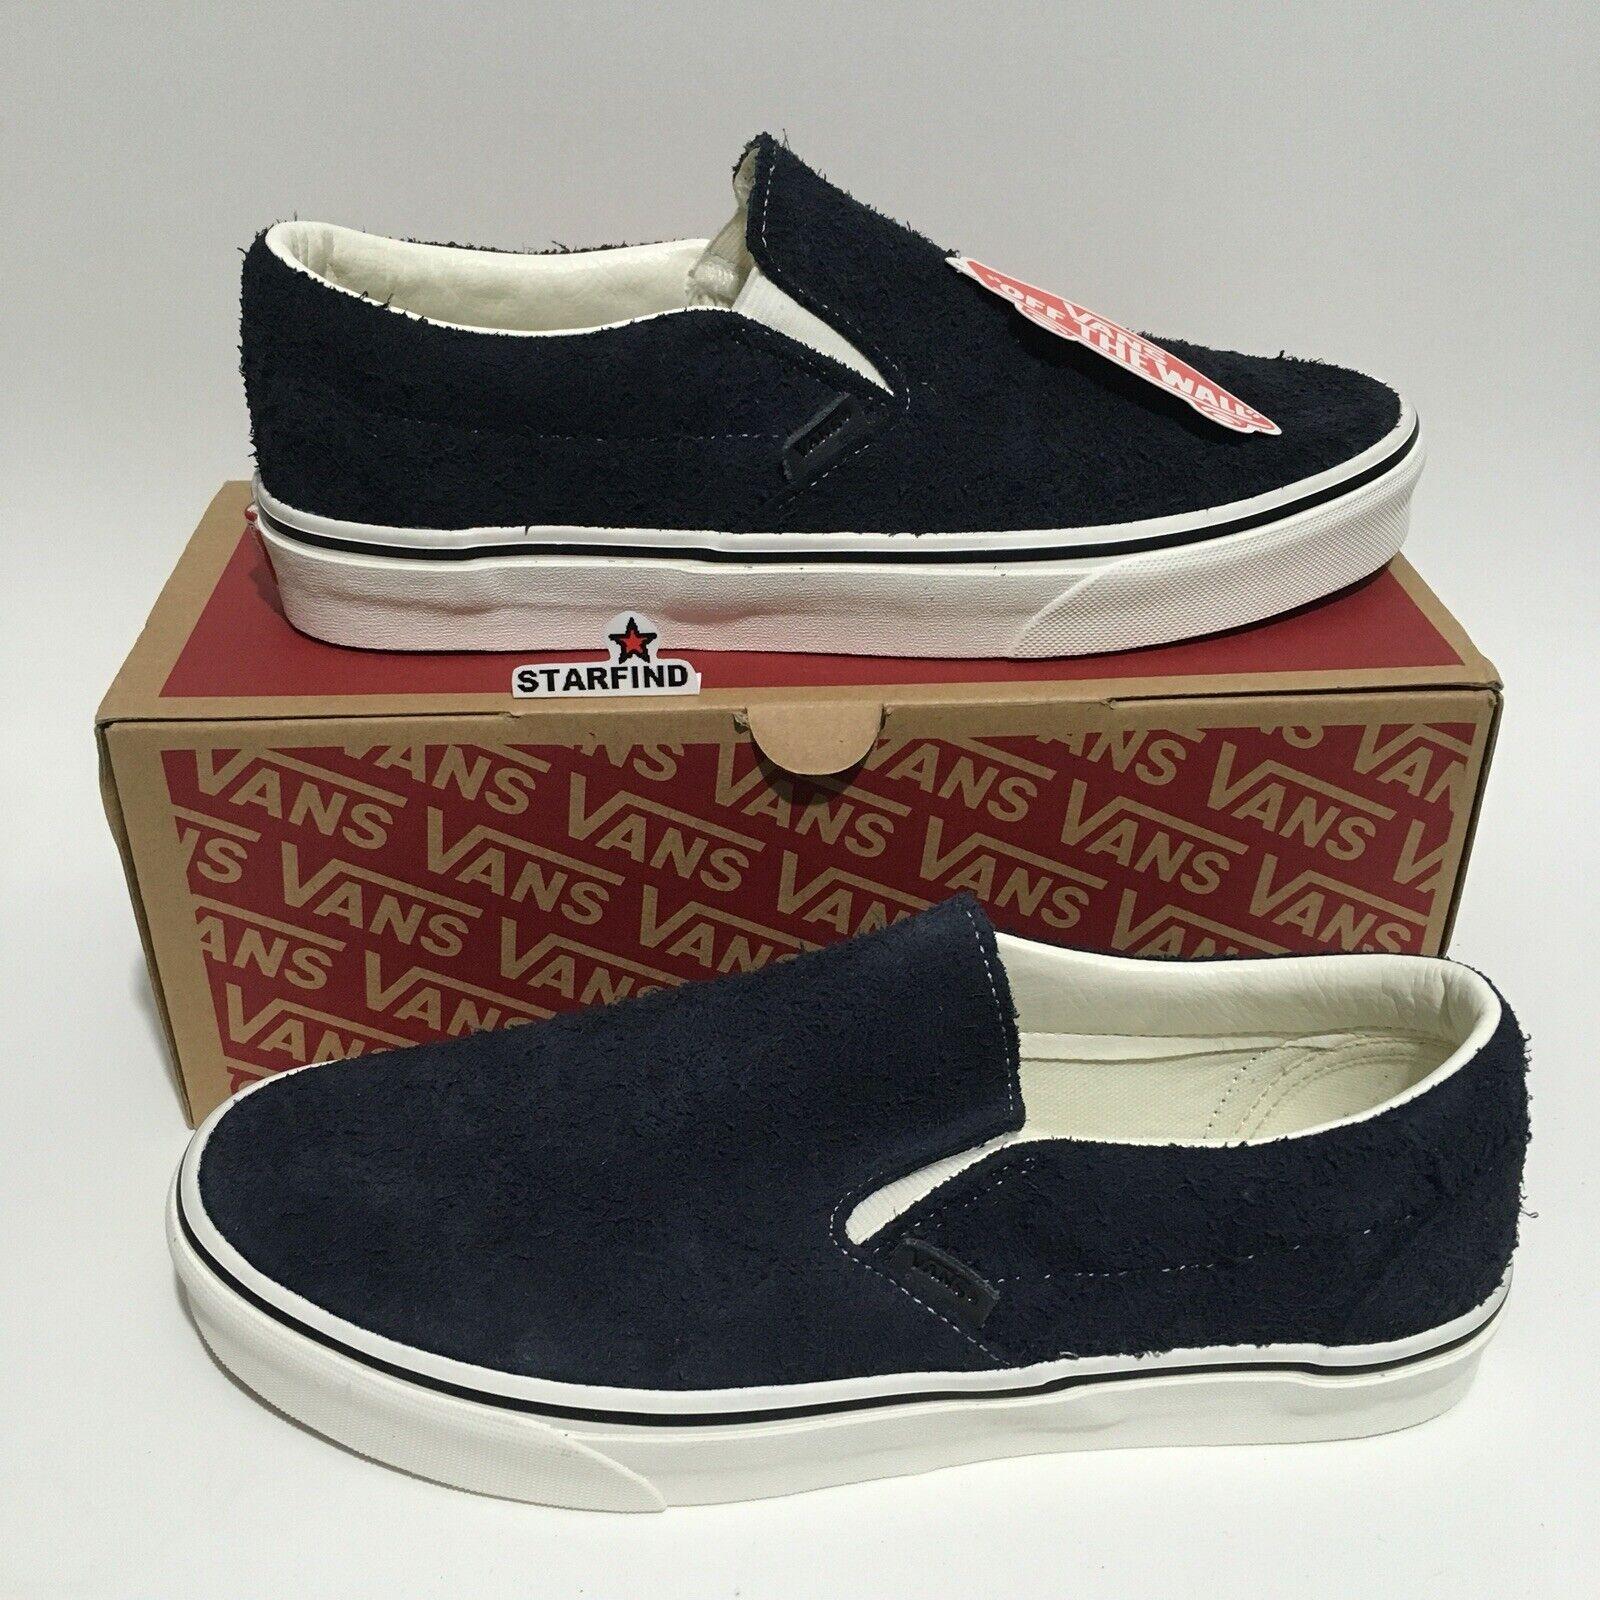 Vans Classic Slip-On Hairy Suede Sky Captain Size Men 9.5 - Women 11 shoes